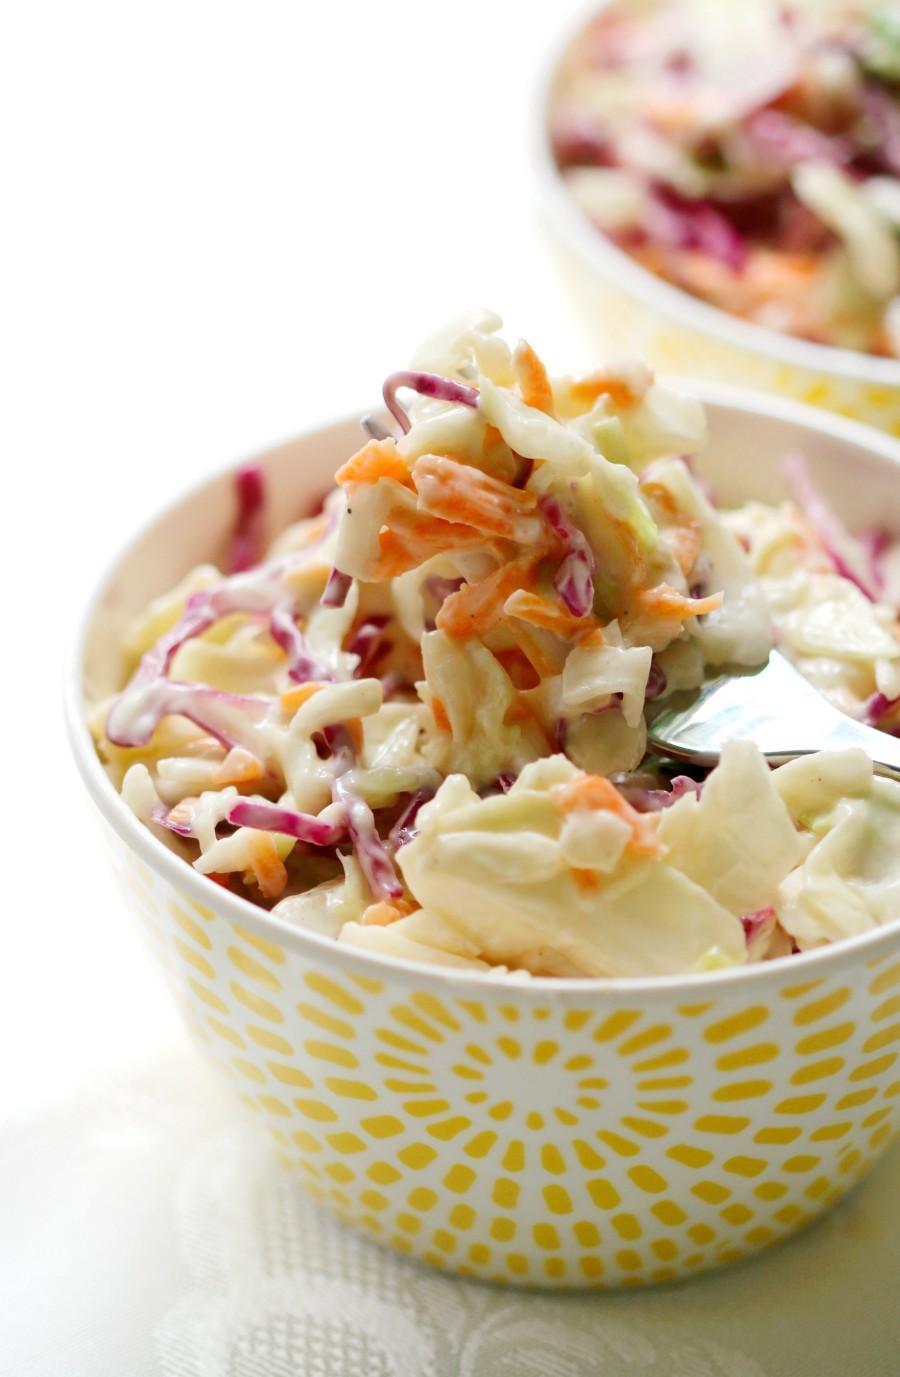 coleslaw-bowl-fork-bite